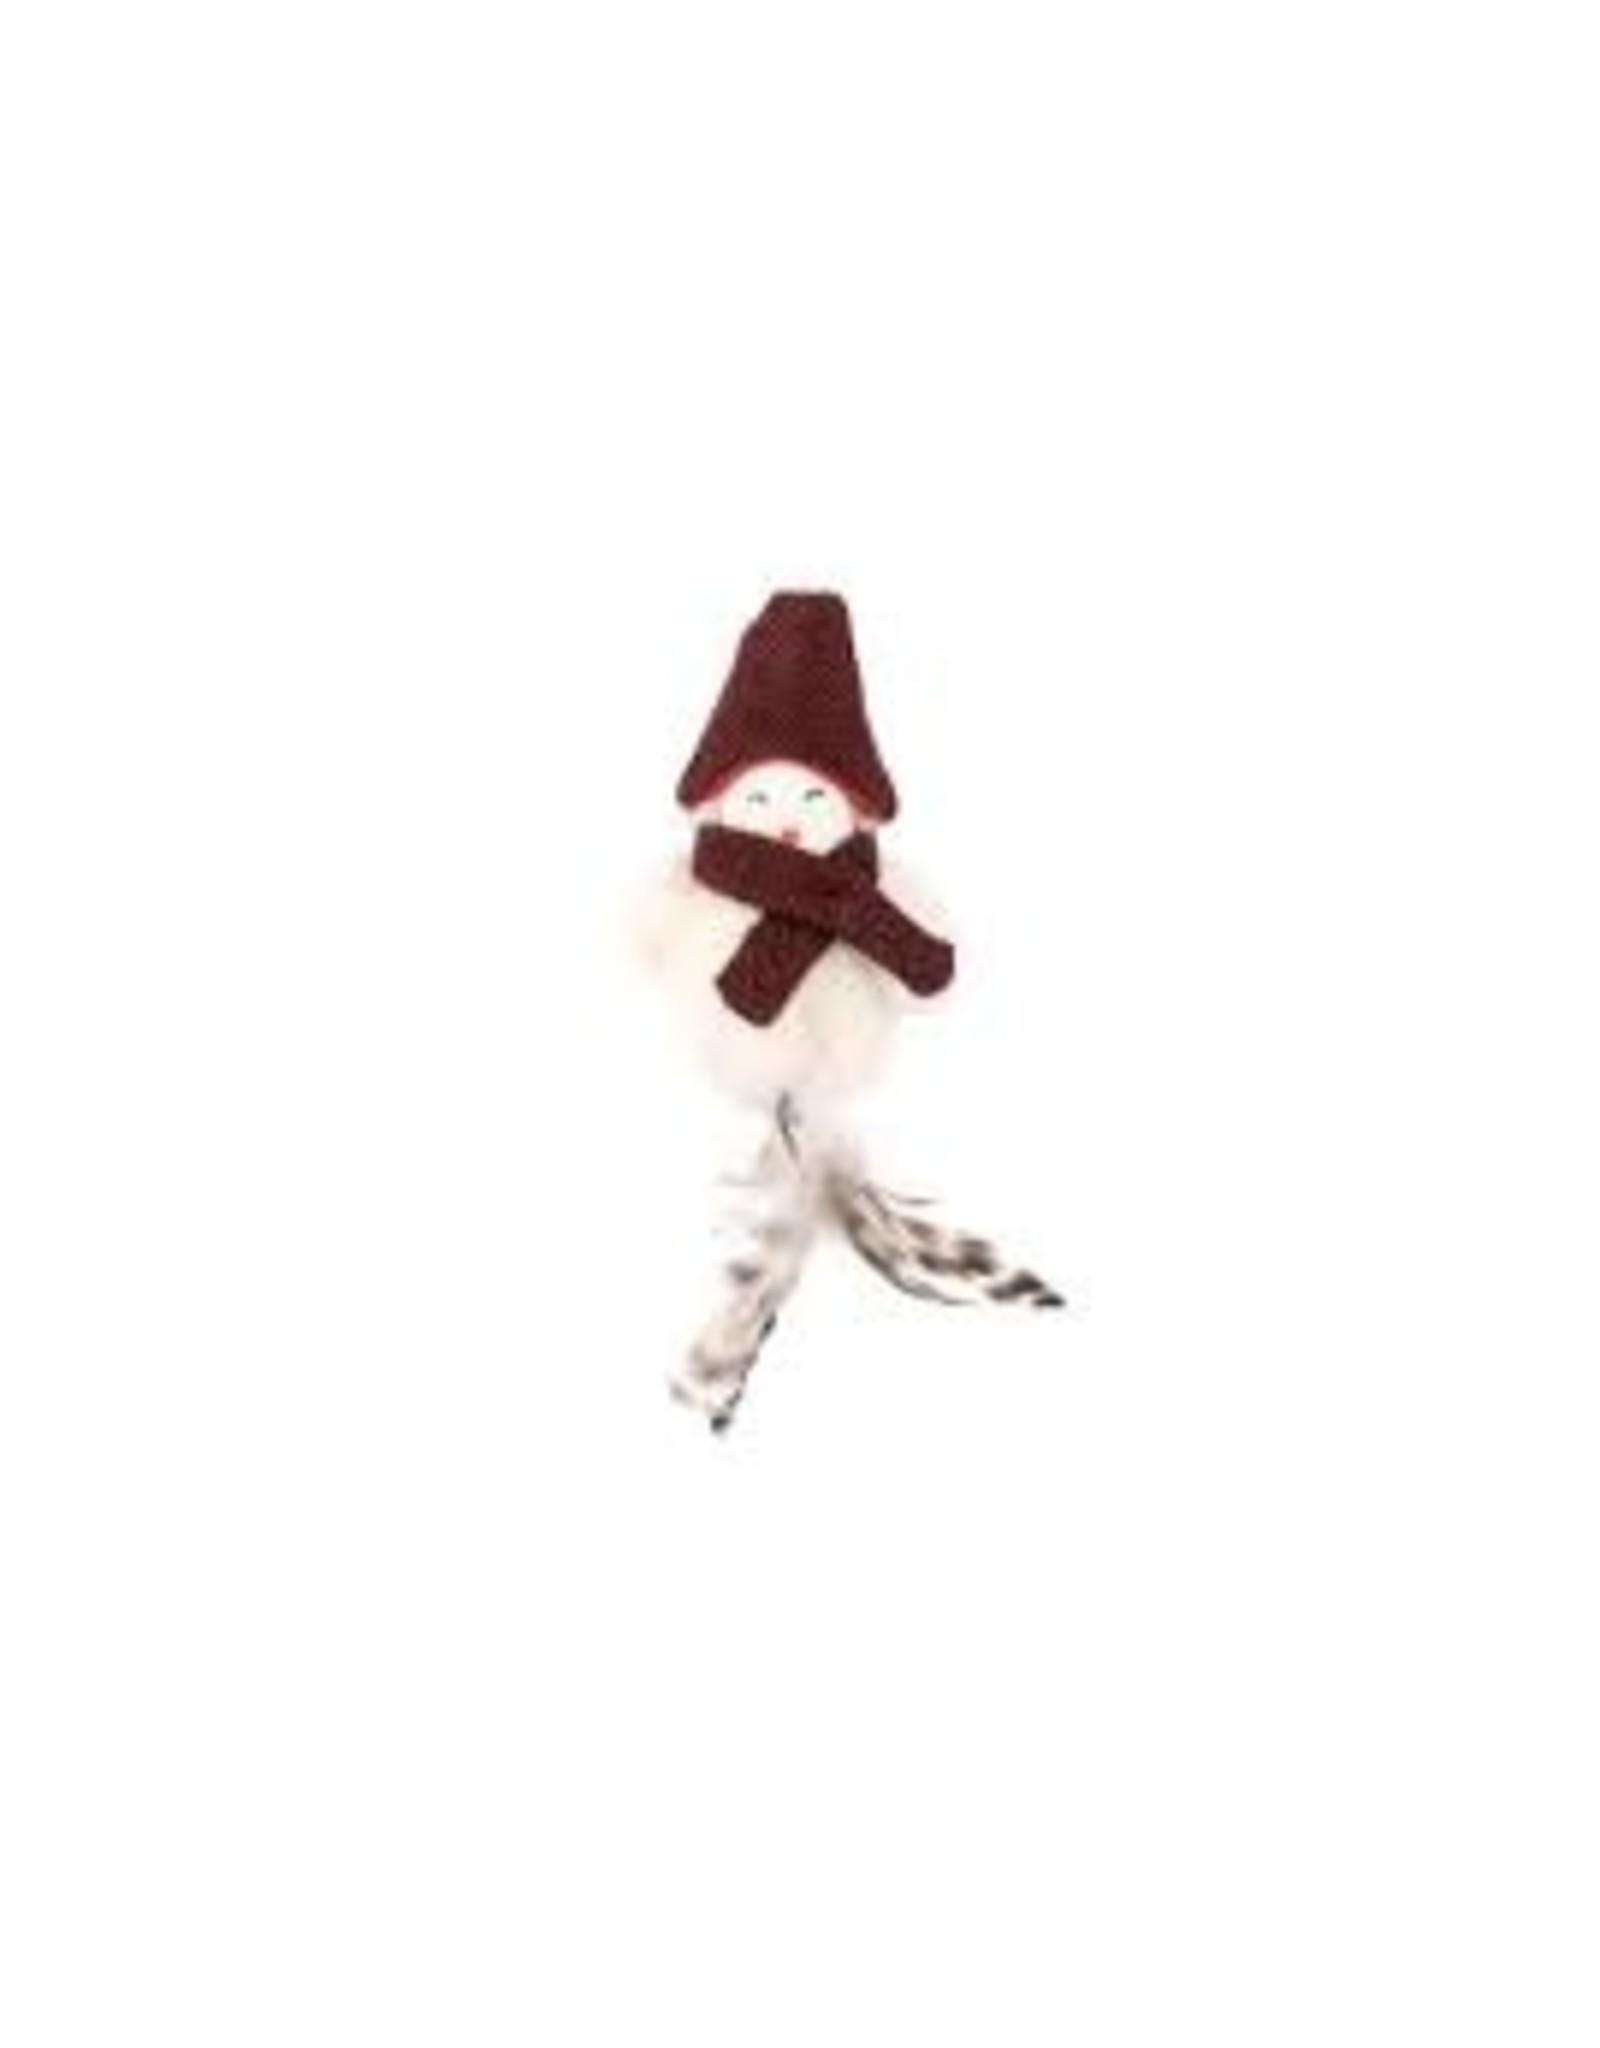 Play Feline Frenzy Catnip Toy - Chirpy Birdie